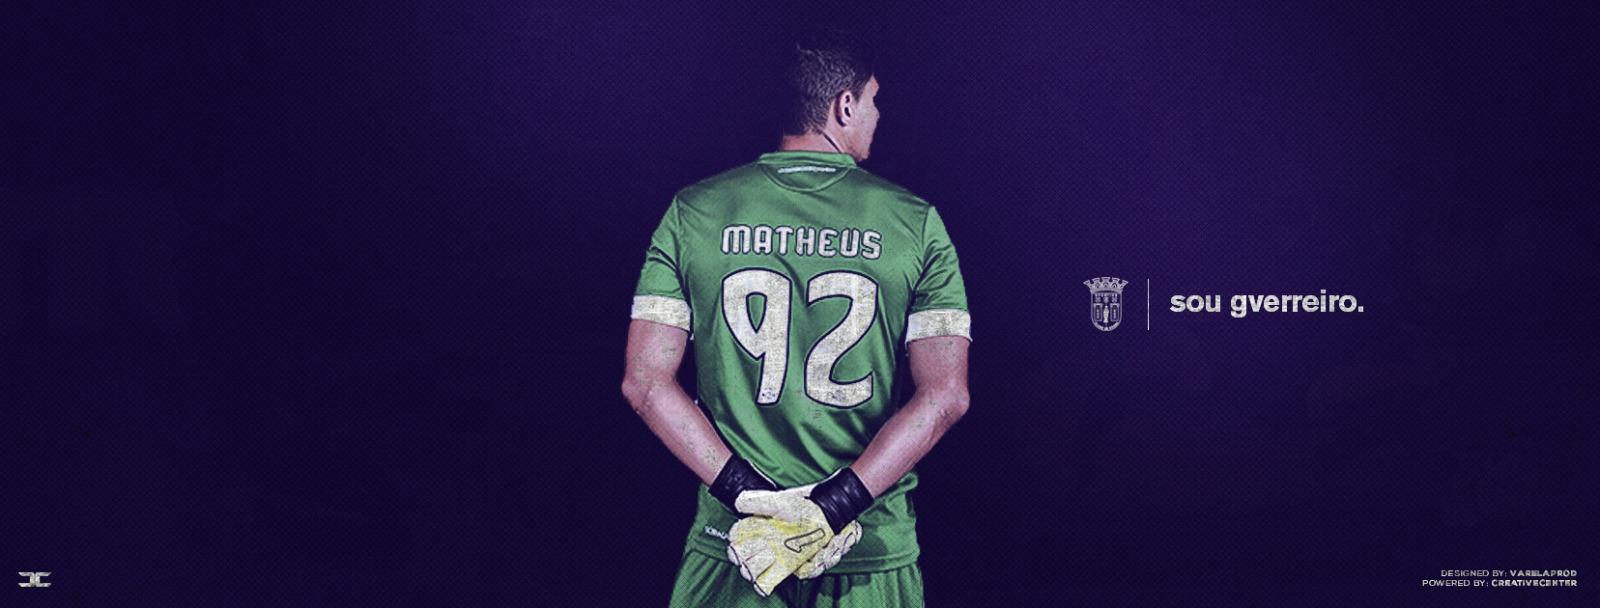 Matheus segura Braga para voltar às vitórias (video)